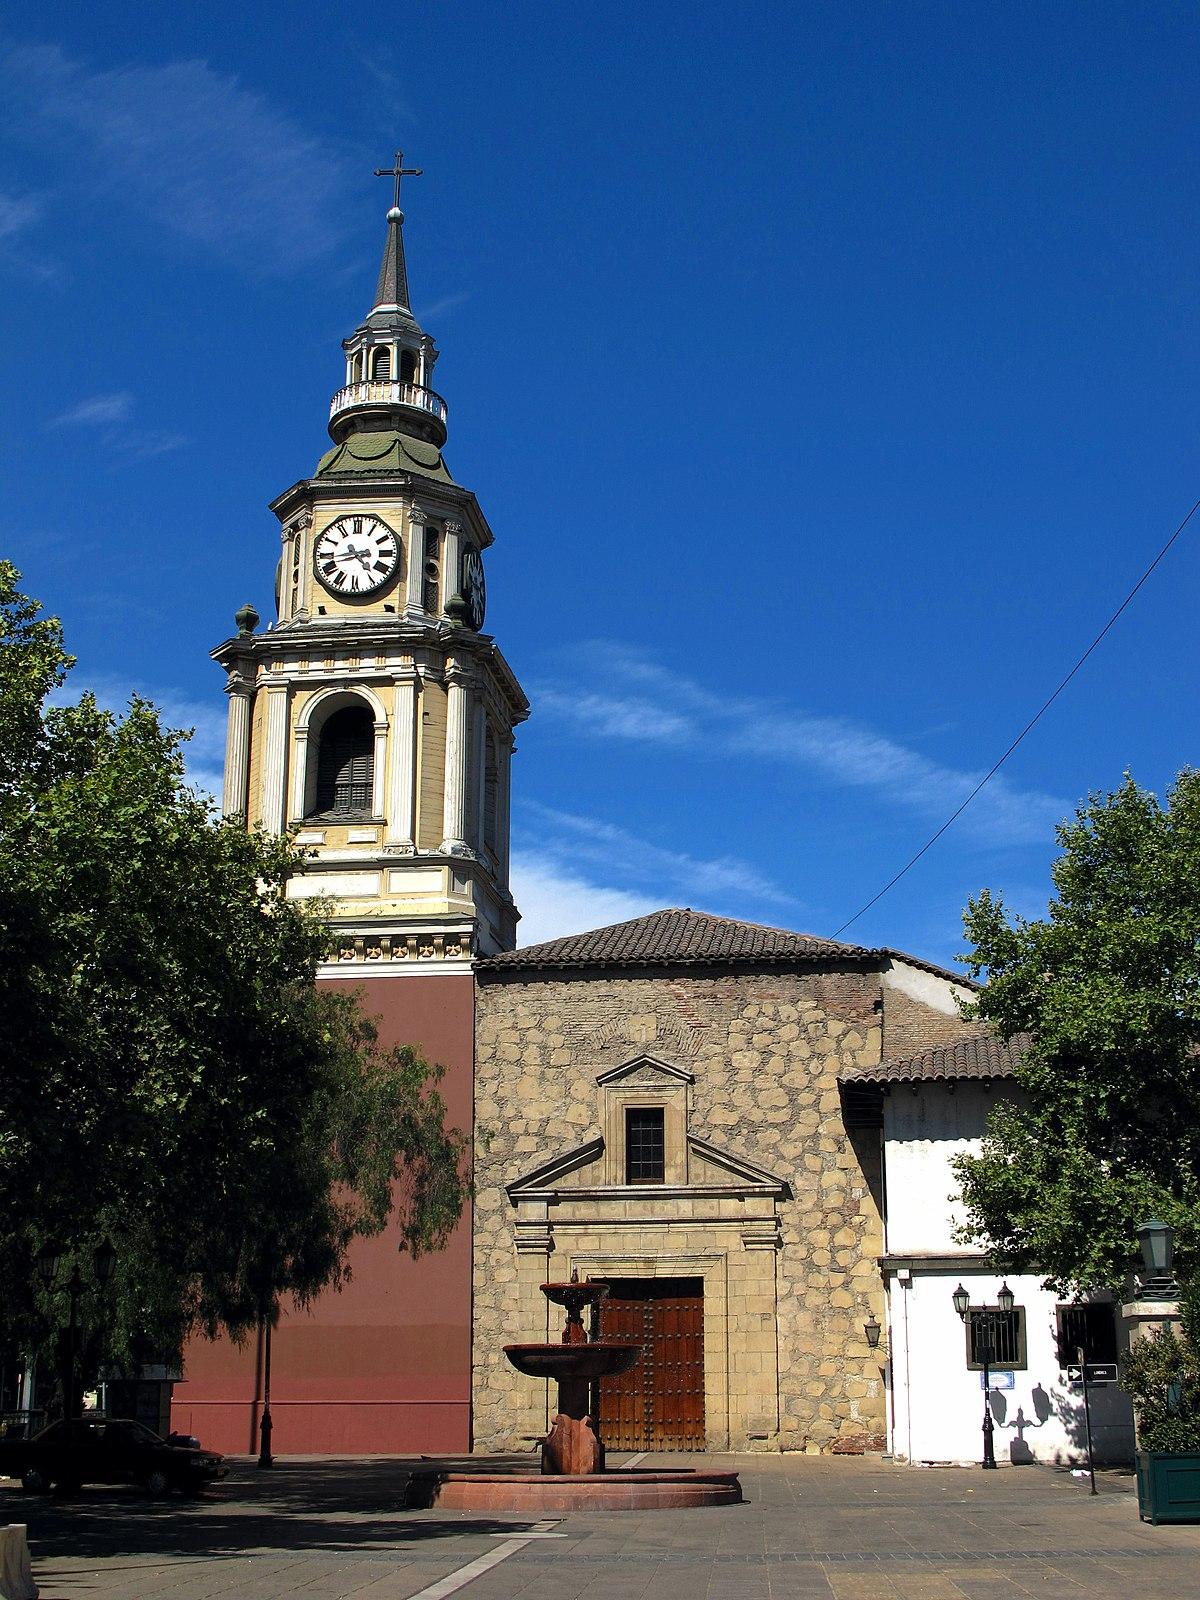 Iglesia de san francisco santiago de chile wikipedia for Construccion de piscinas santiago chile